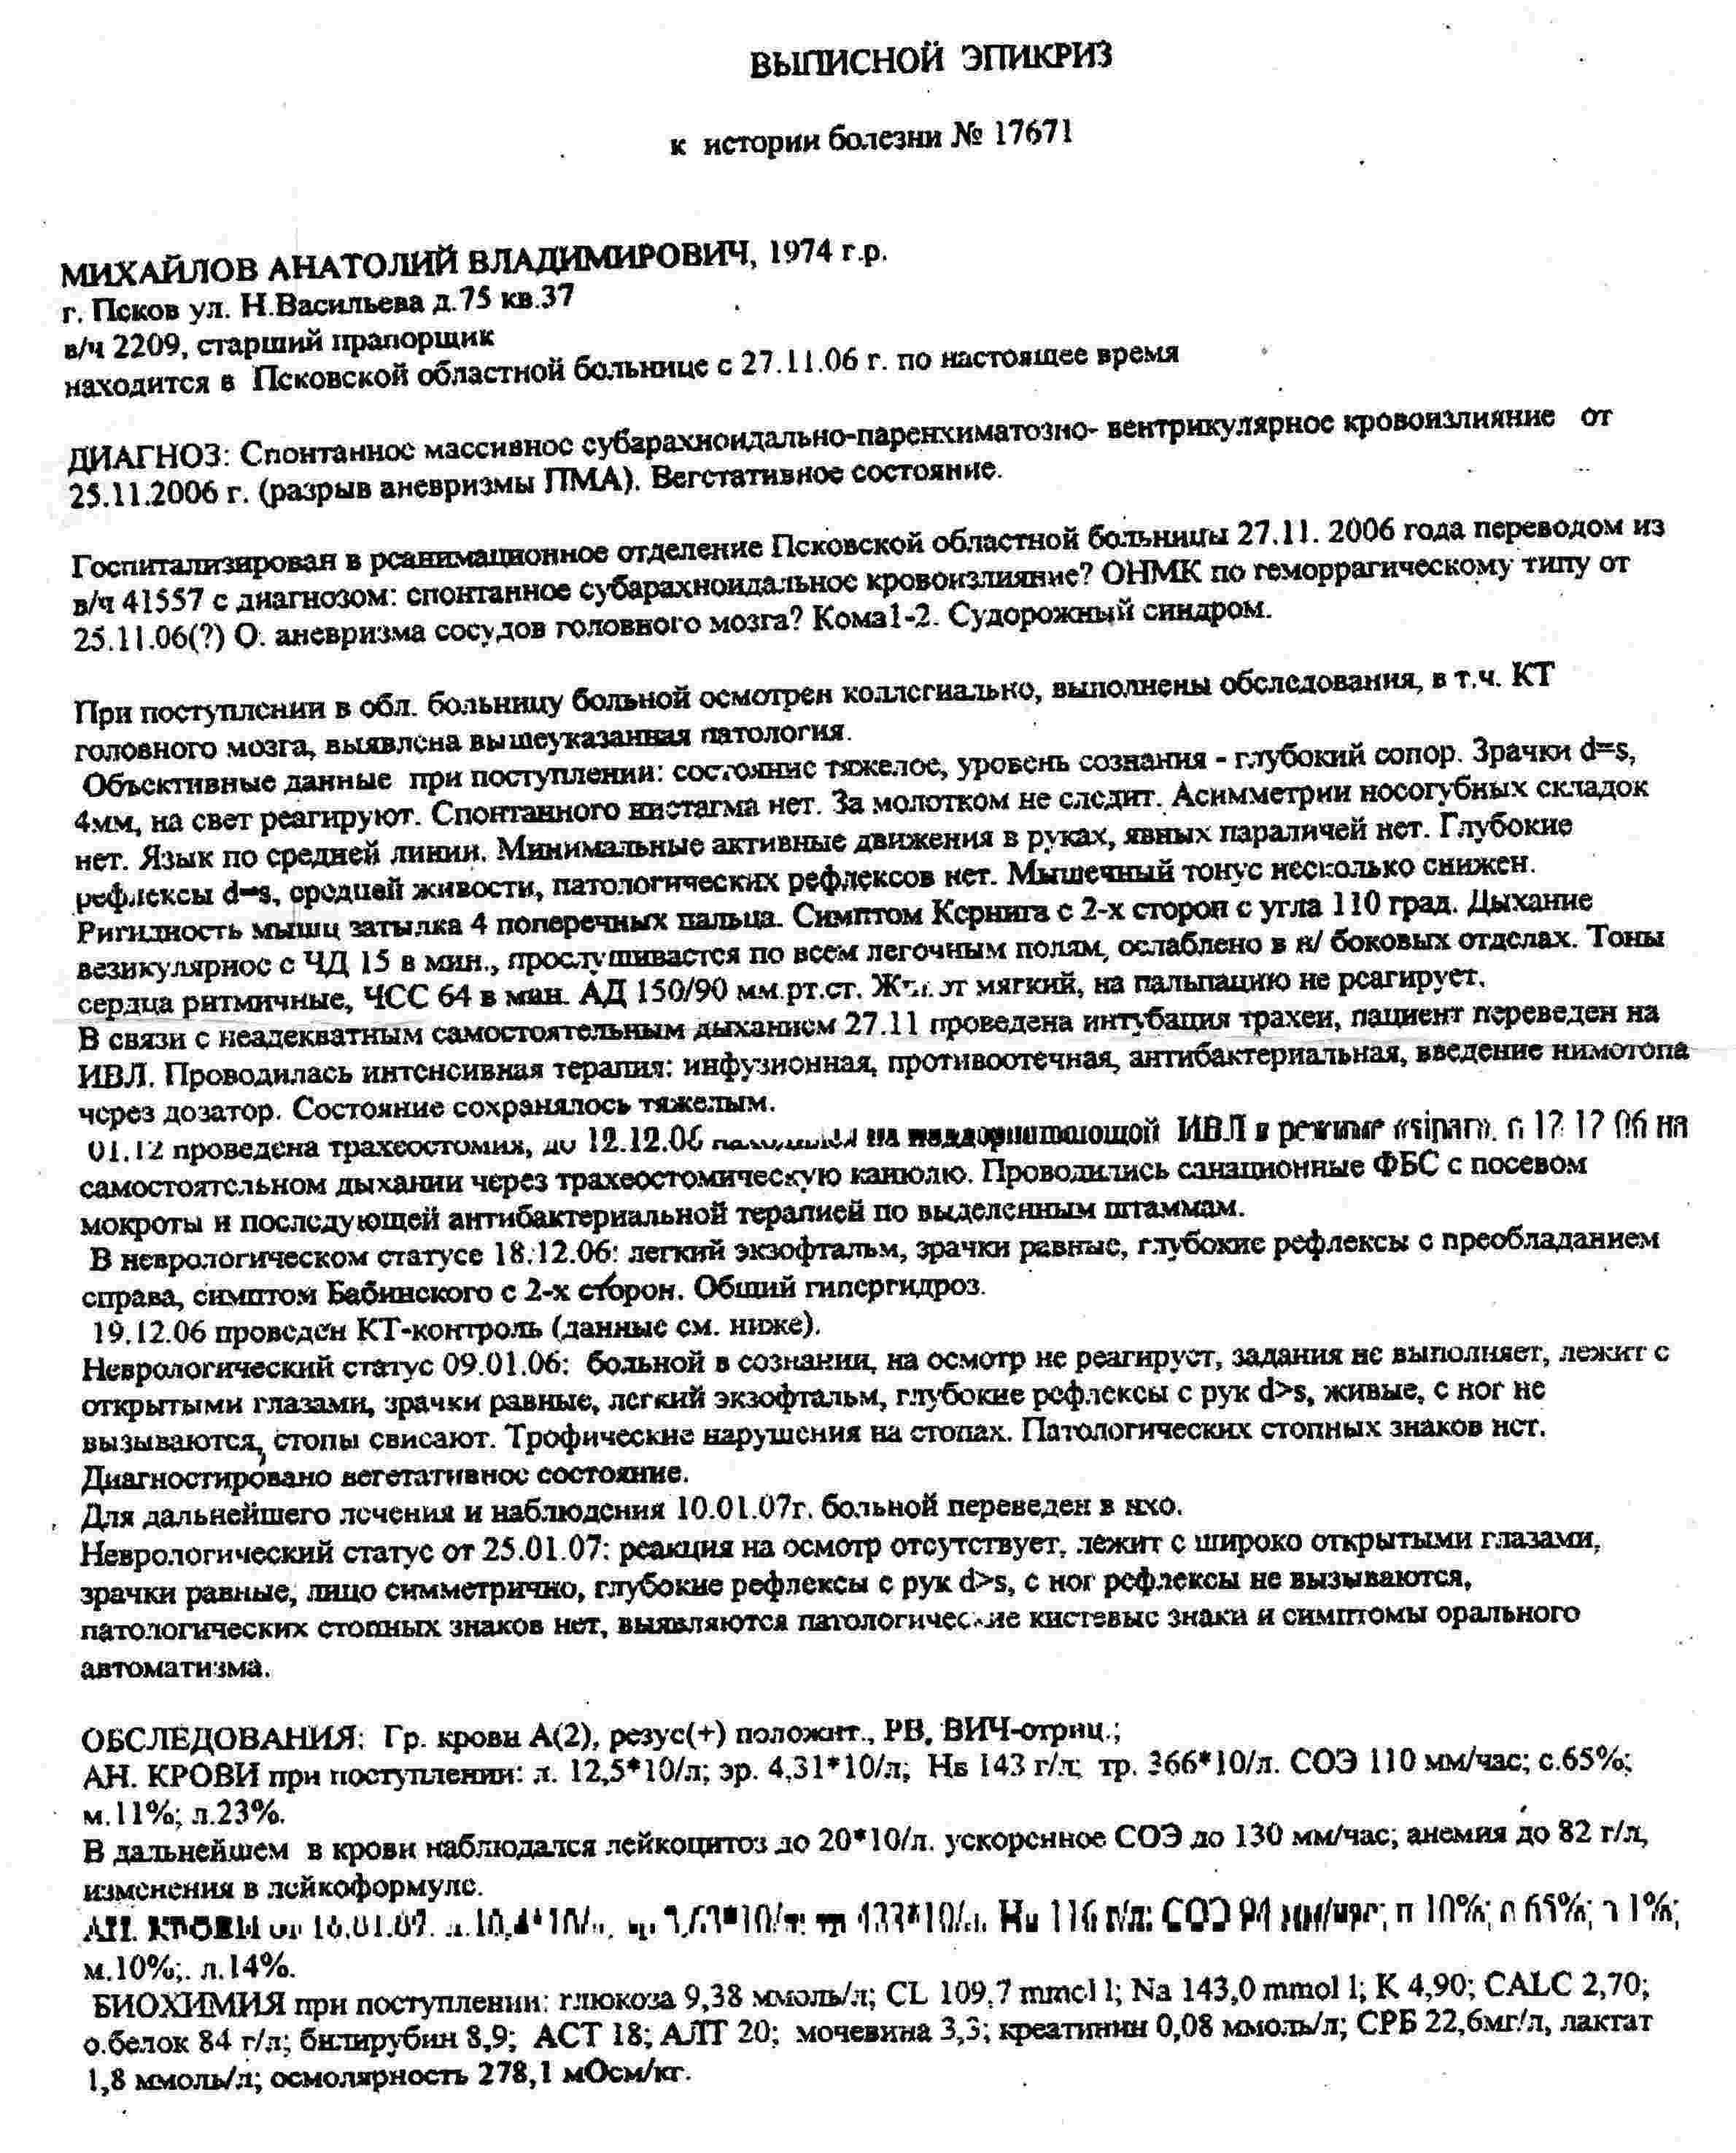 медицинская справка форма 086 у 2015